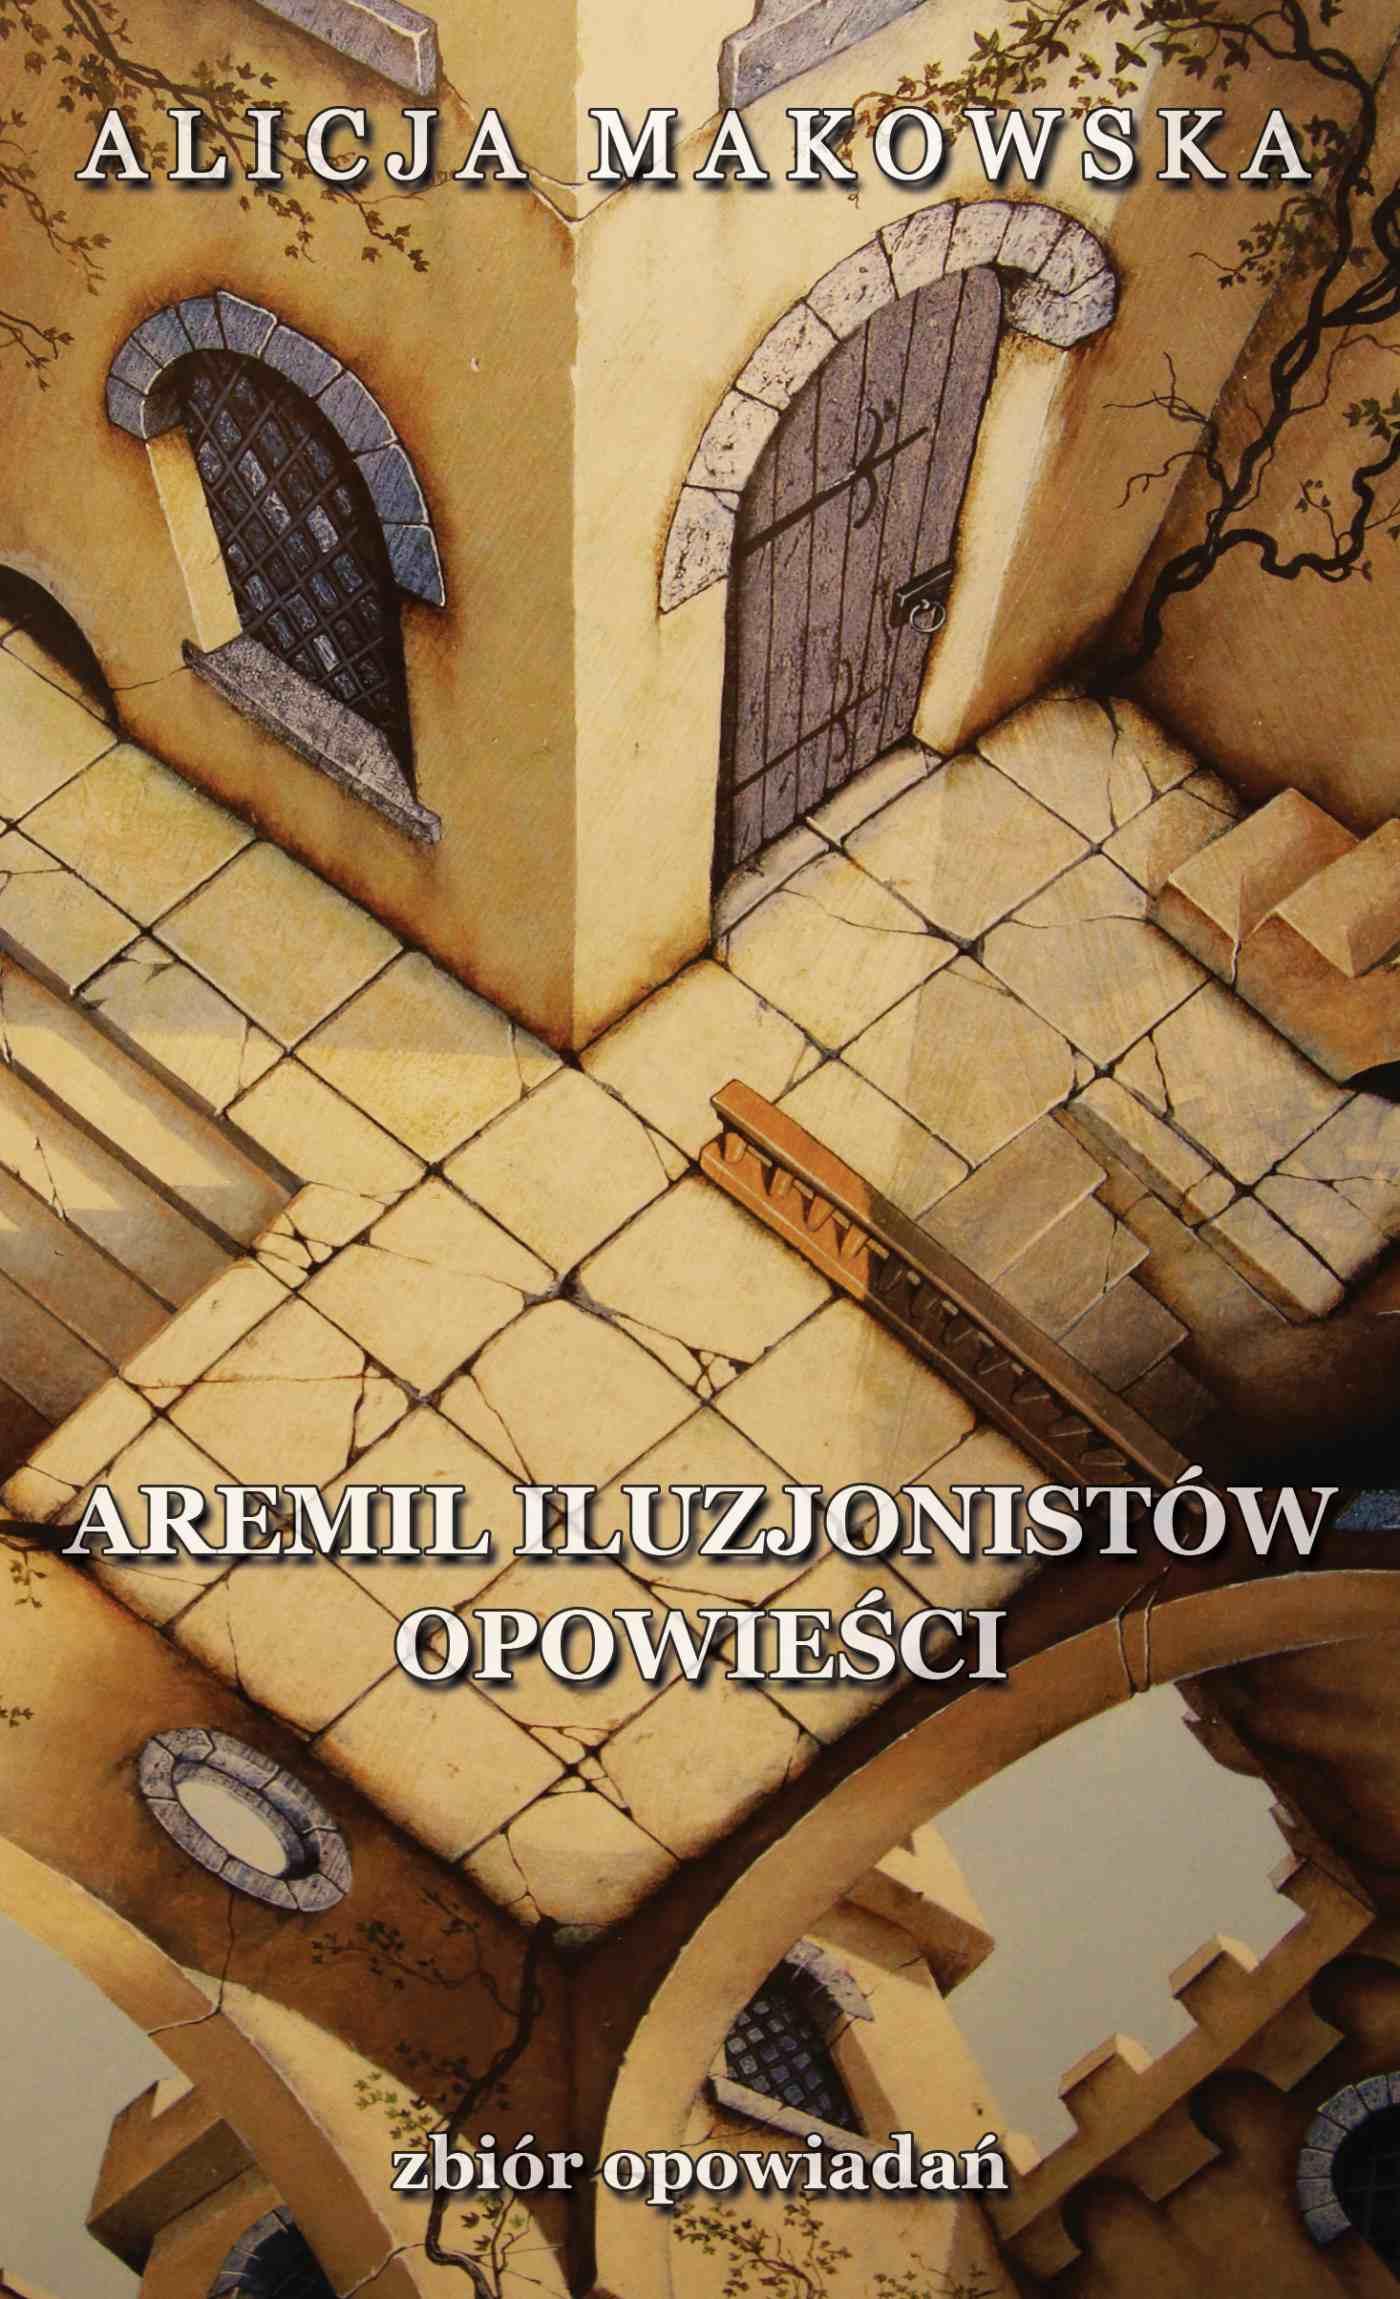 Aremil Iluzjonistów: opowieści - Ebook (Książka na Kindle) do pobrania w formacie MOBI